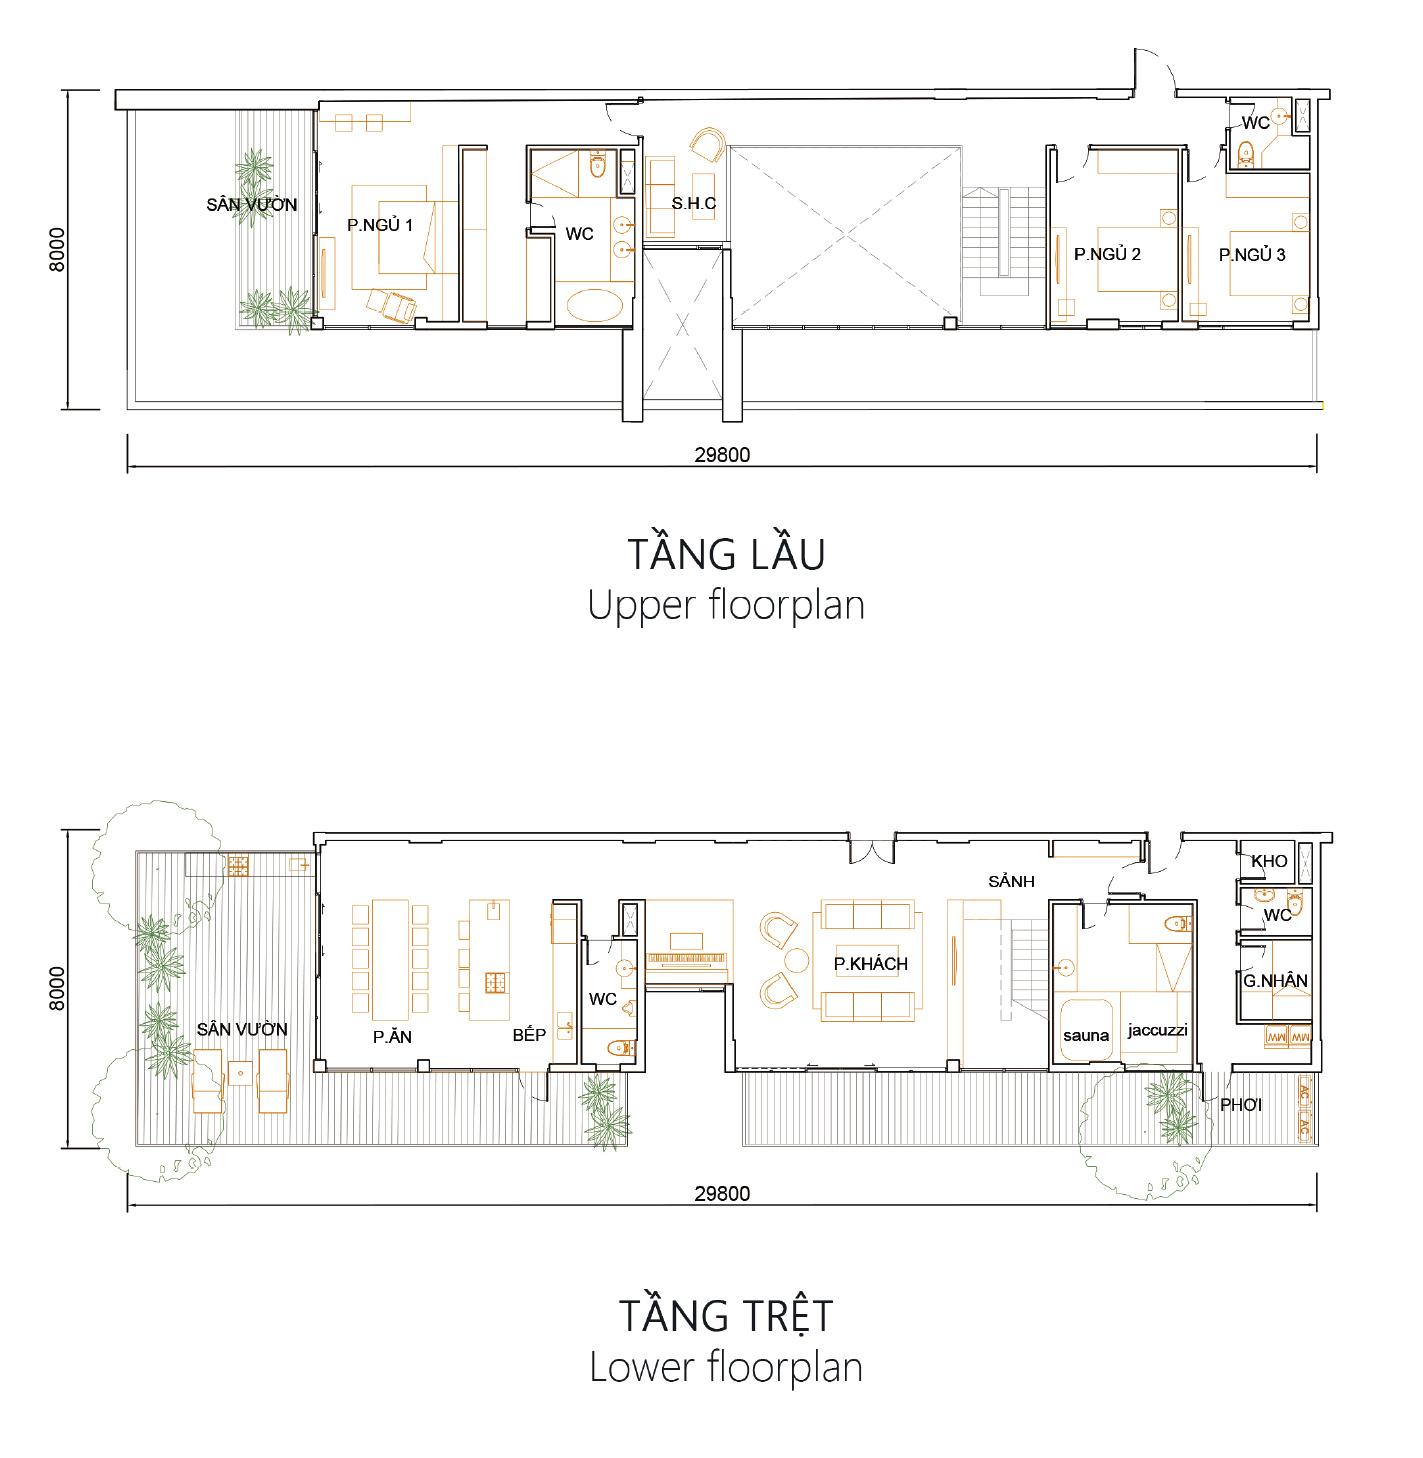 penthouse millennium q4